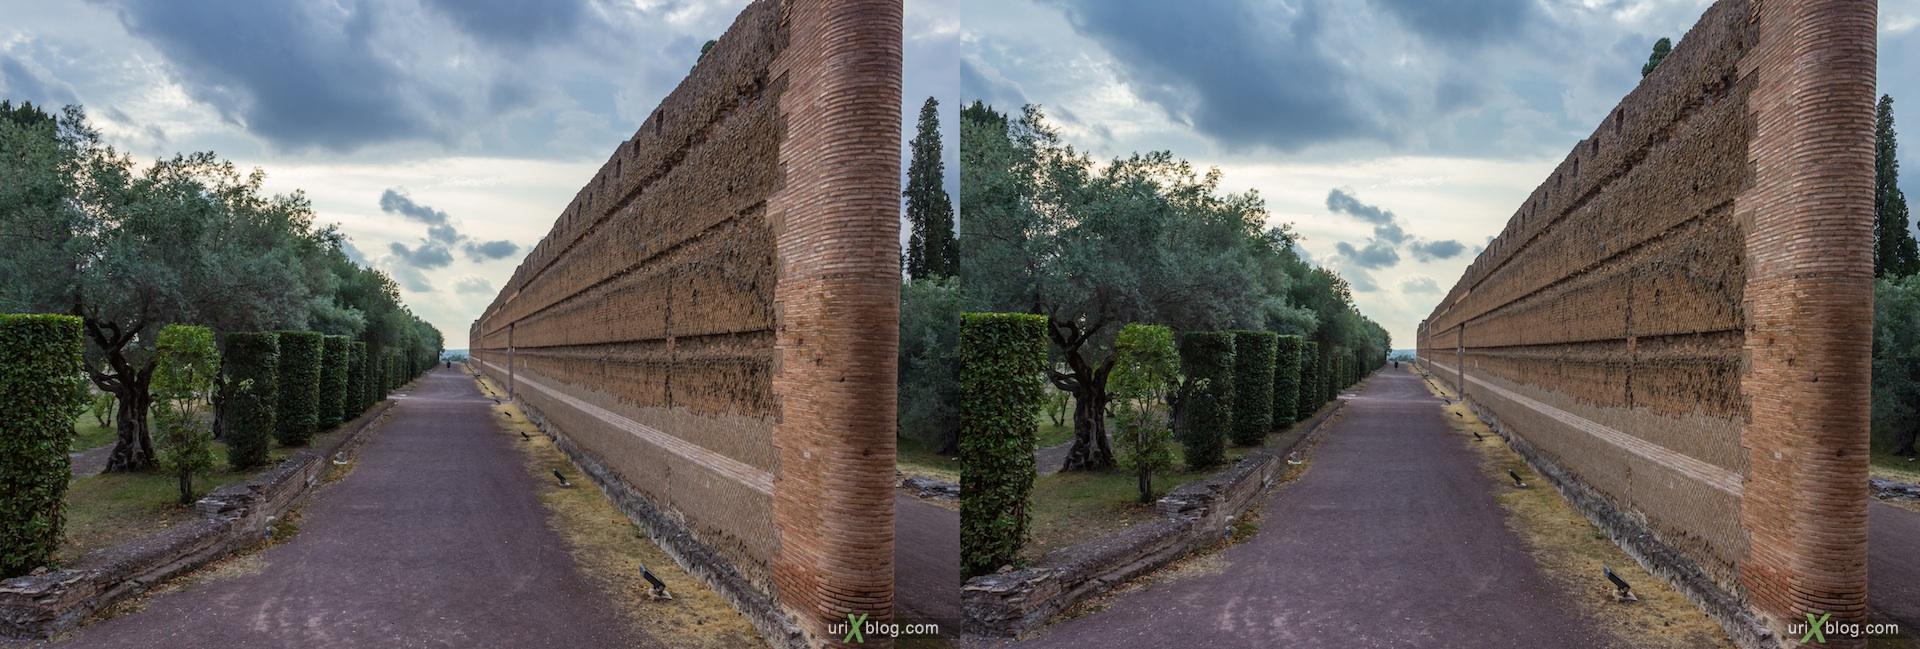 2012, Вилла Адриана, Тиволи, древний Рим, Италия, 3D, перекрёстные стереопары, стерео, стереопара, стереопары